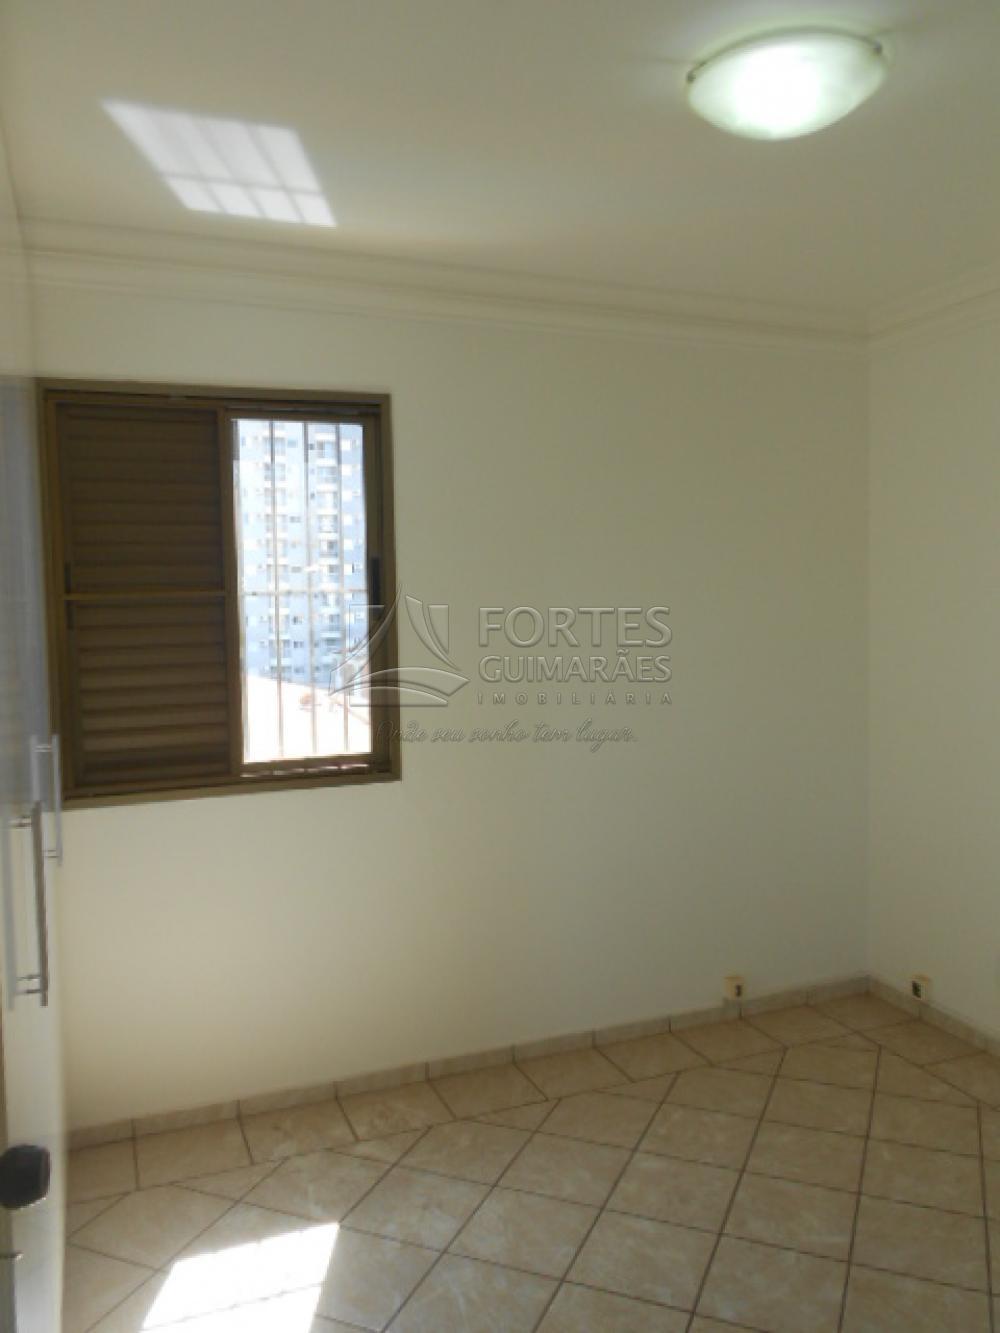 Alugar Apartamentos / Padrão em Ribeirão Preto apenas R$ 950,00 - Foto 20